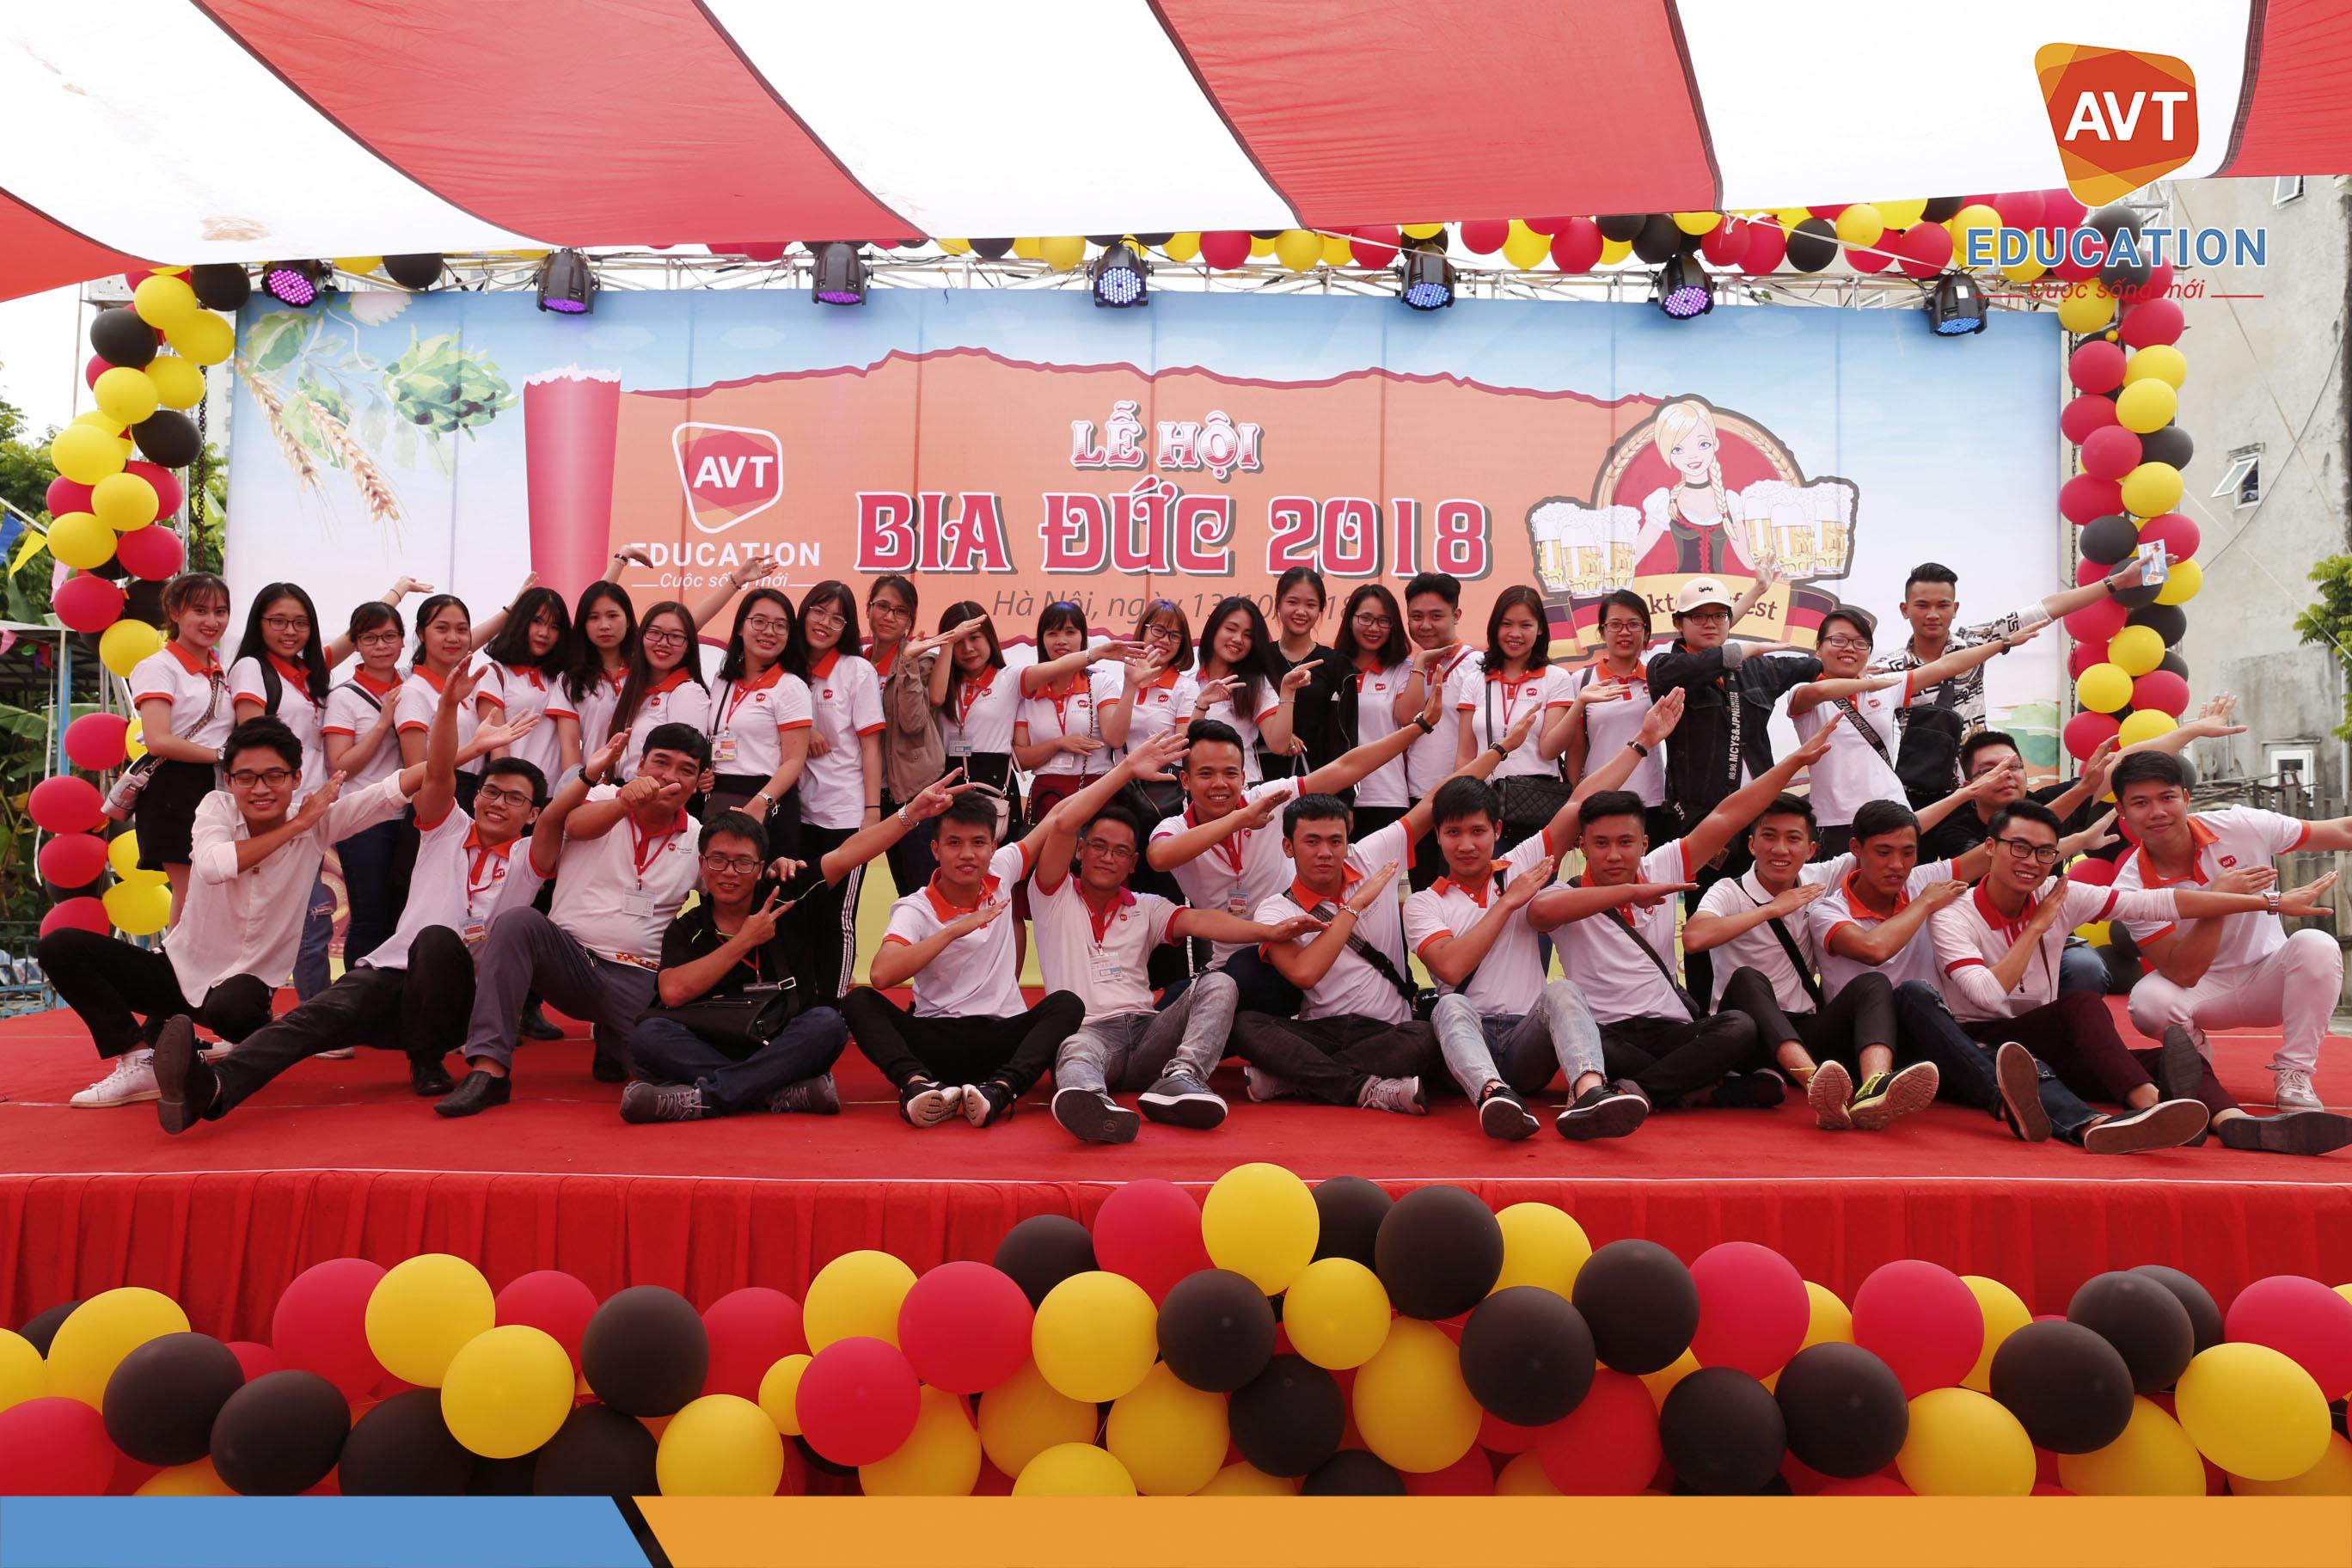 Tập thể học viên AVT Education